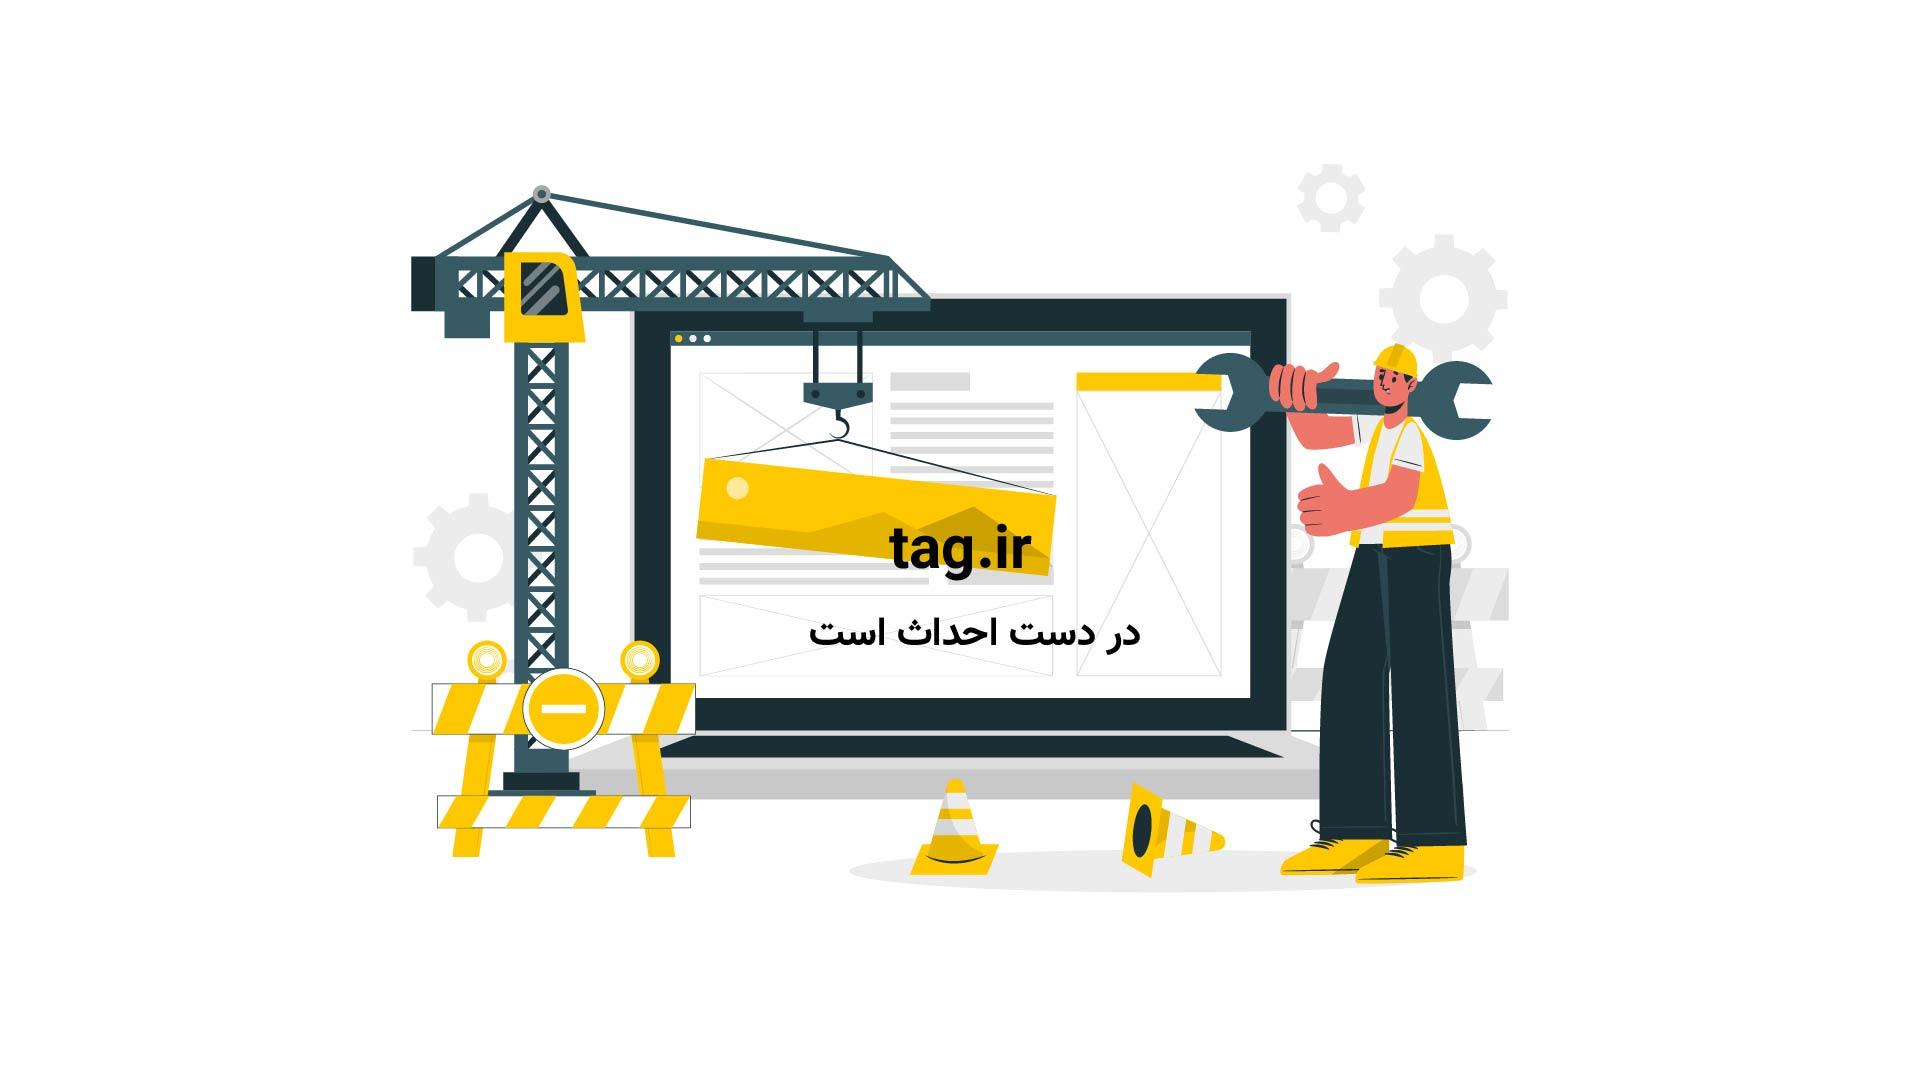 عاشقانه پدر و دختر | تگ